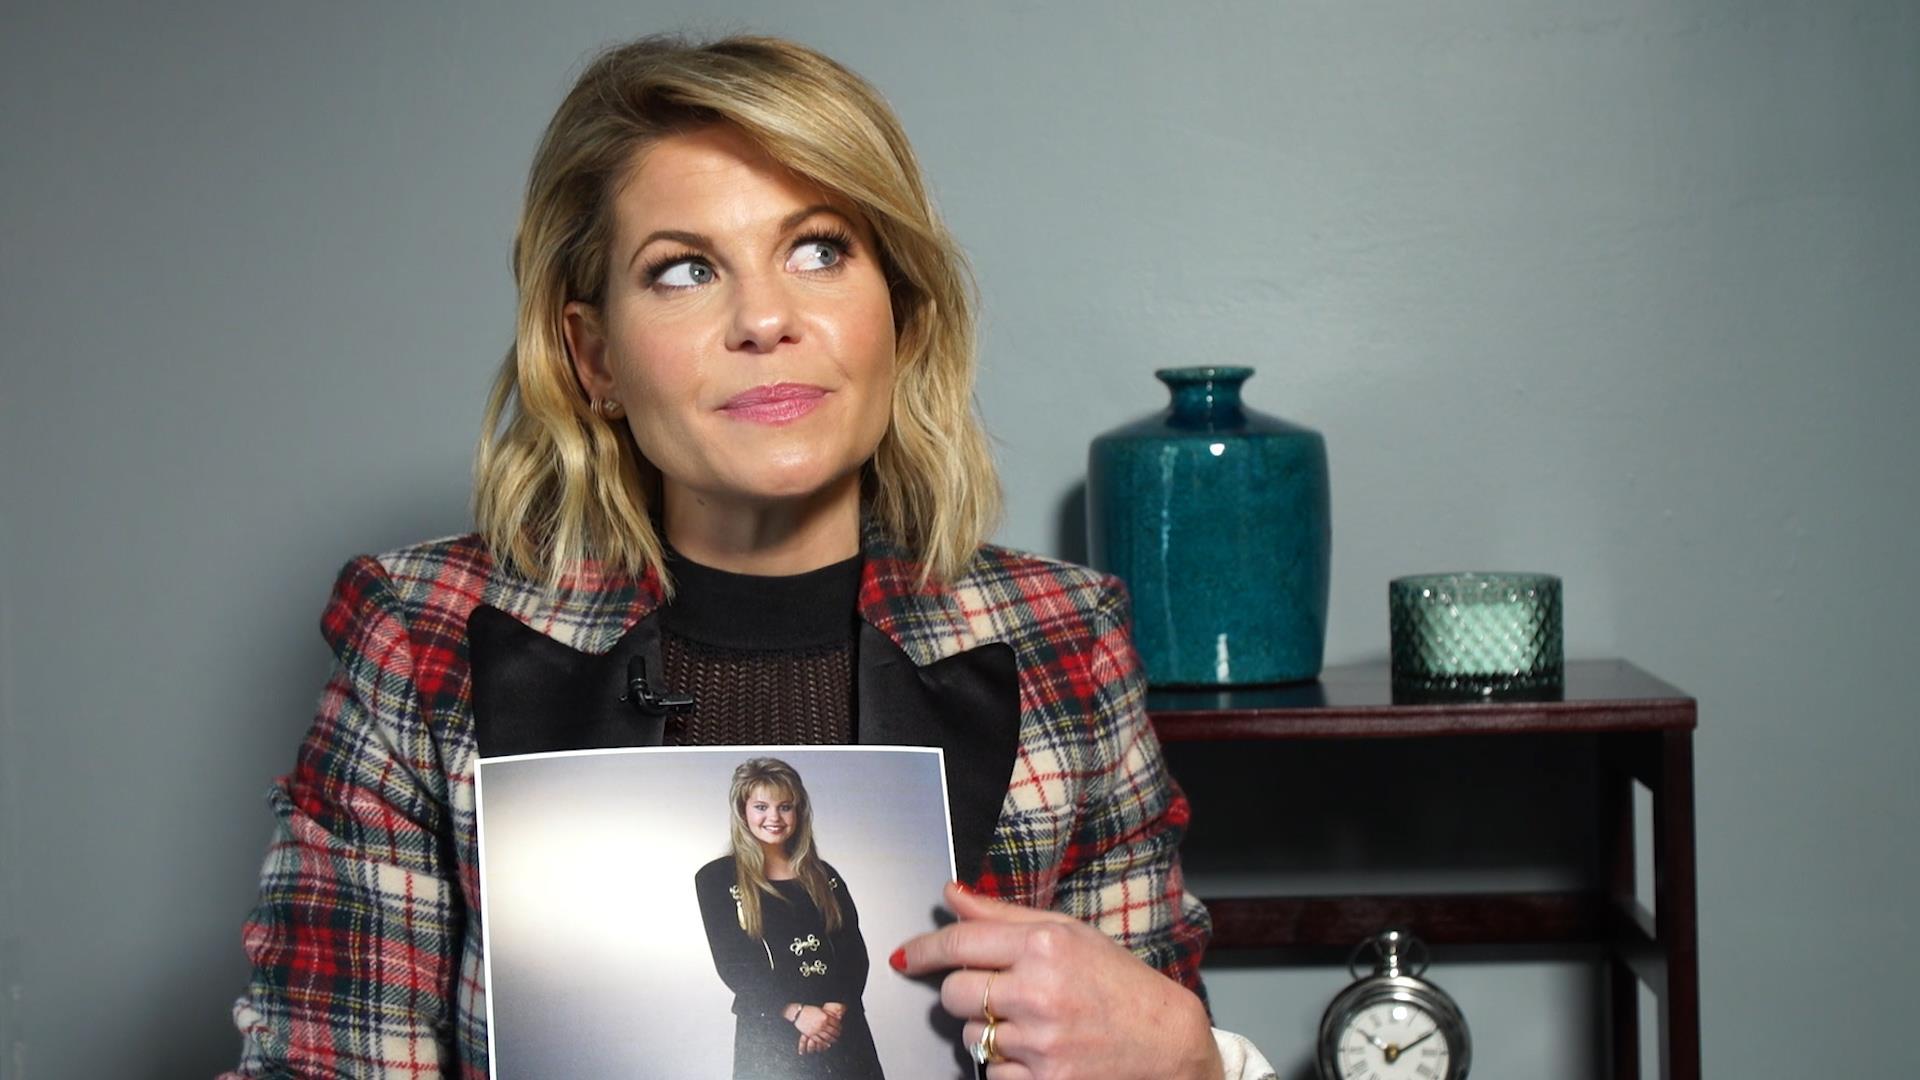 Flashback Candace Cameron Bure looks back on her Full House style